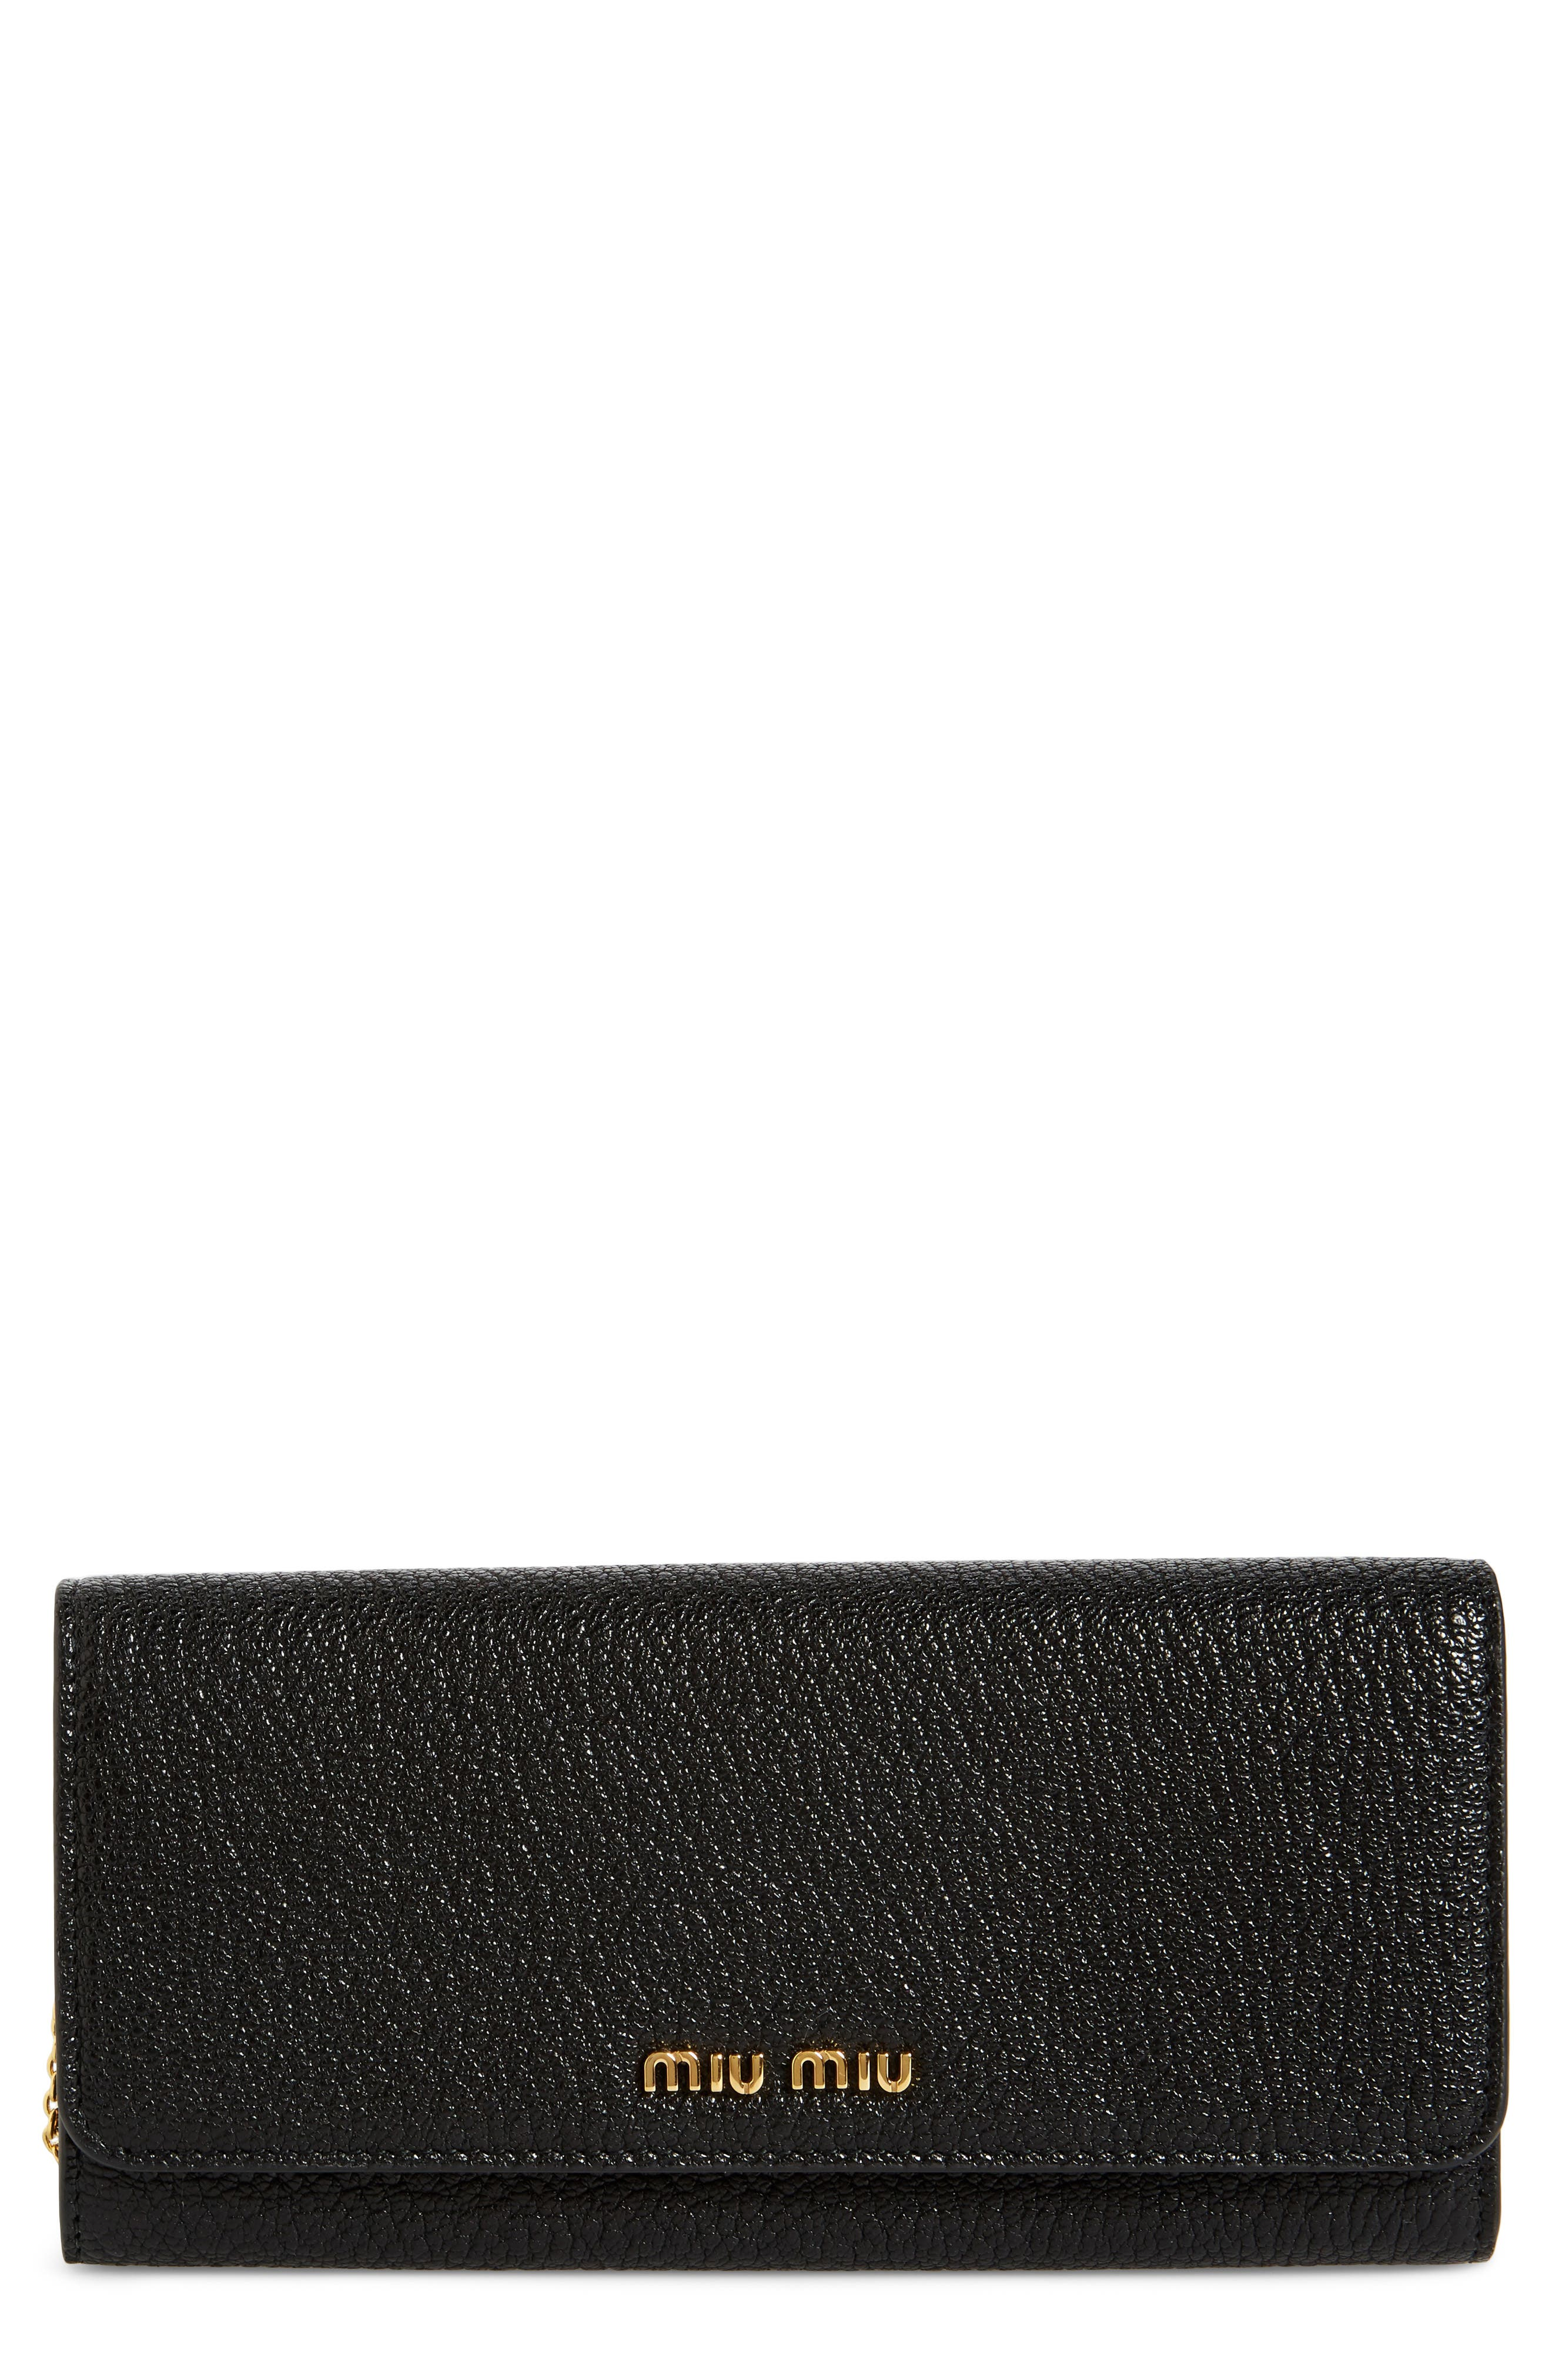 MIU MIU Madras Goatskin Leather Continental Wallet